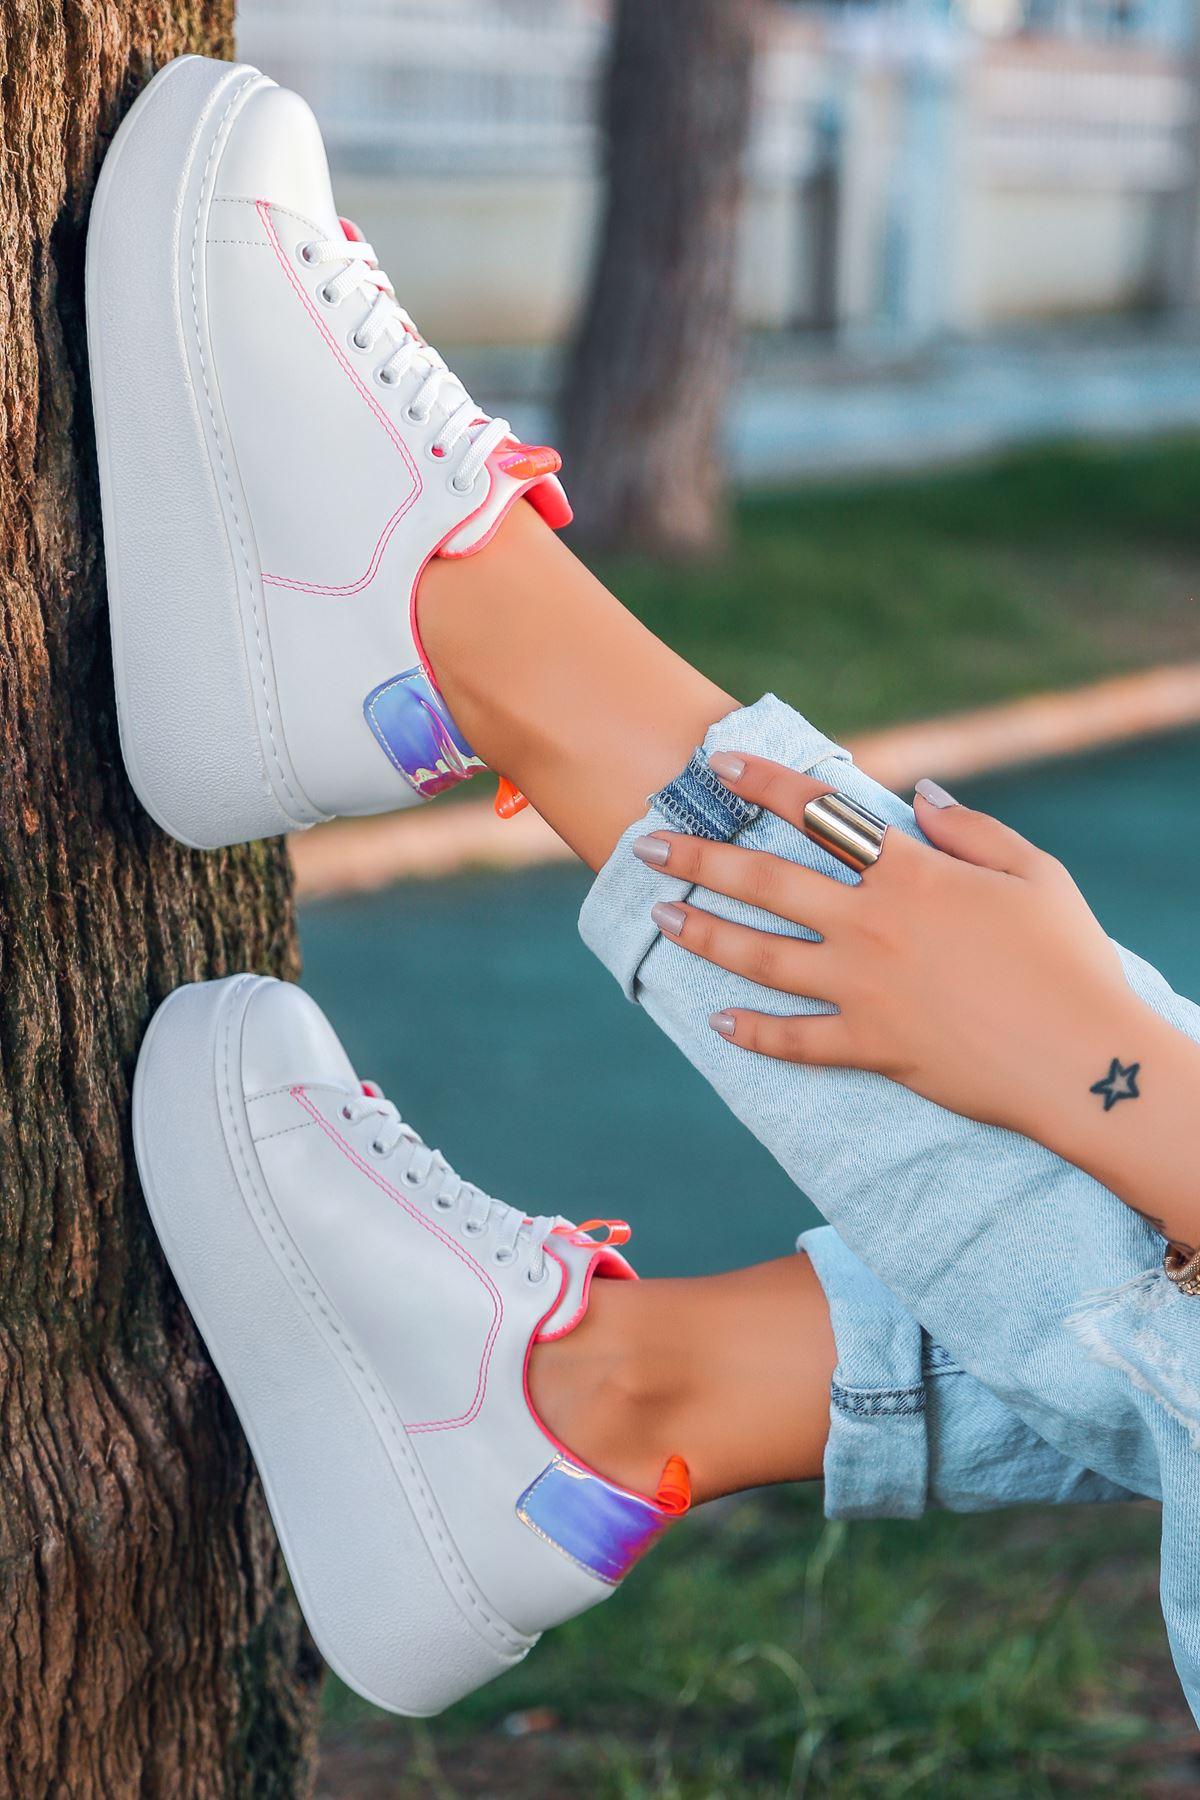 Masella Mat Deri Pembe Hologram Detay Kalın Taban Spor Ayakkabı Beyaz